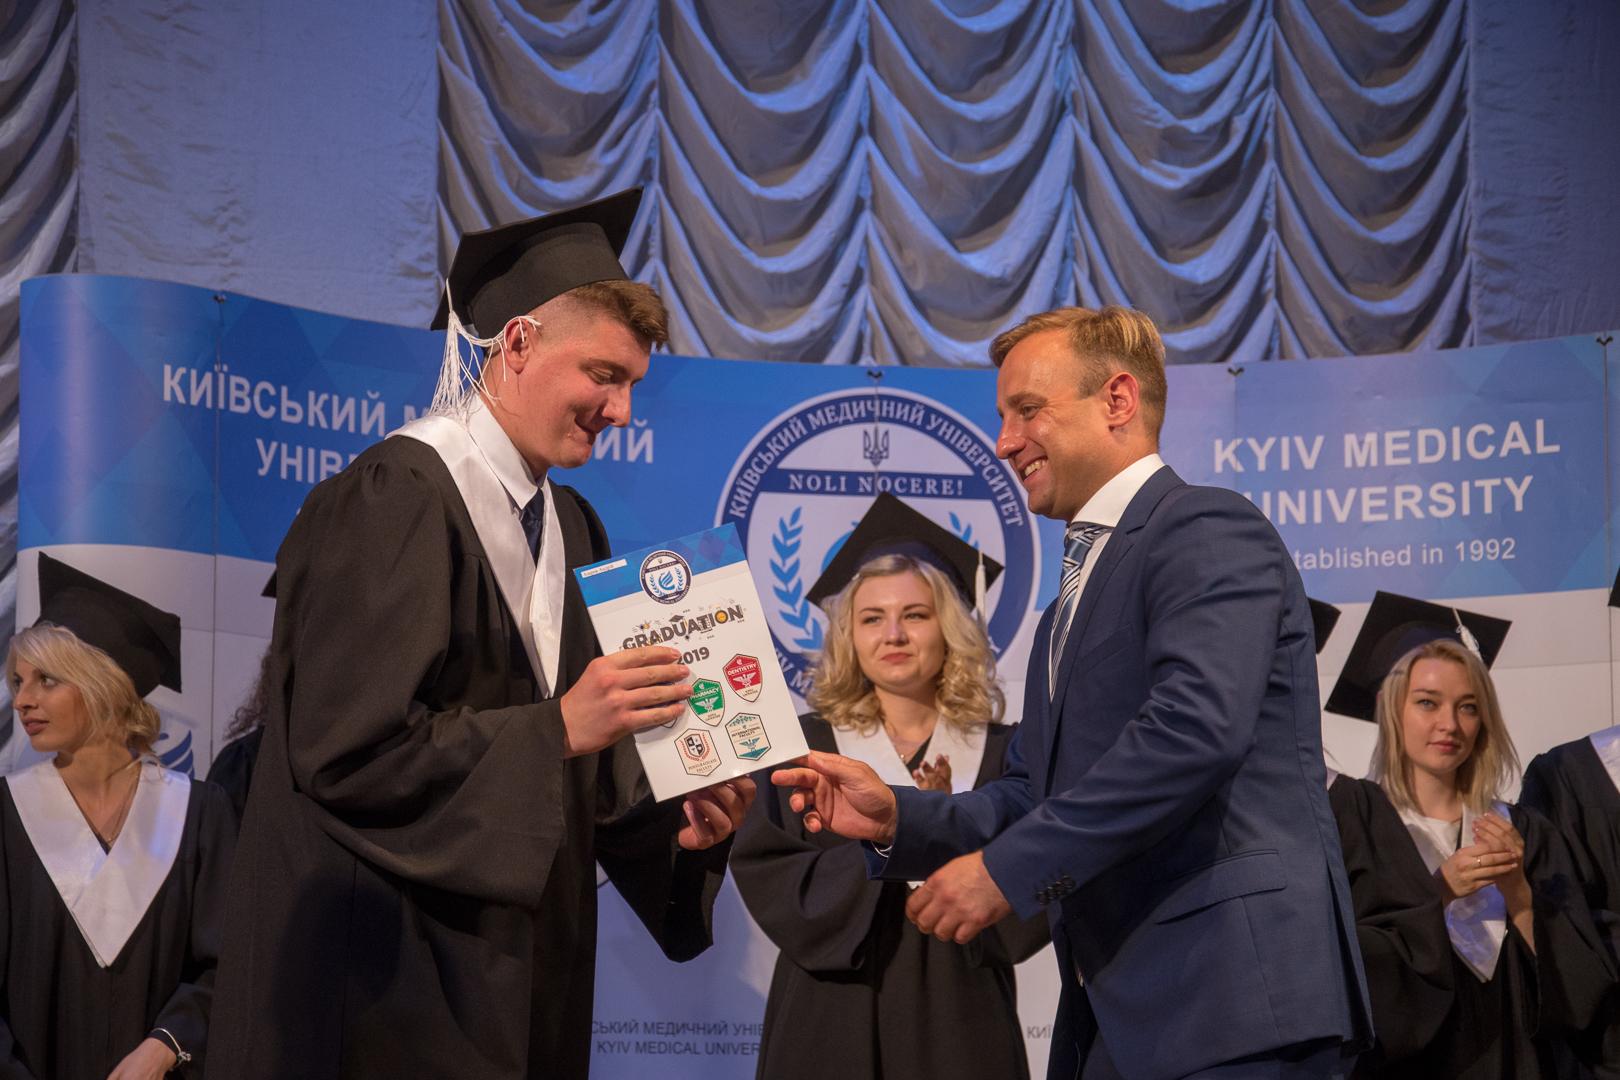 КМУ-2019-243